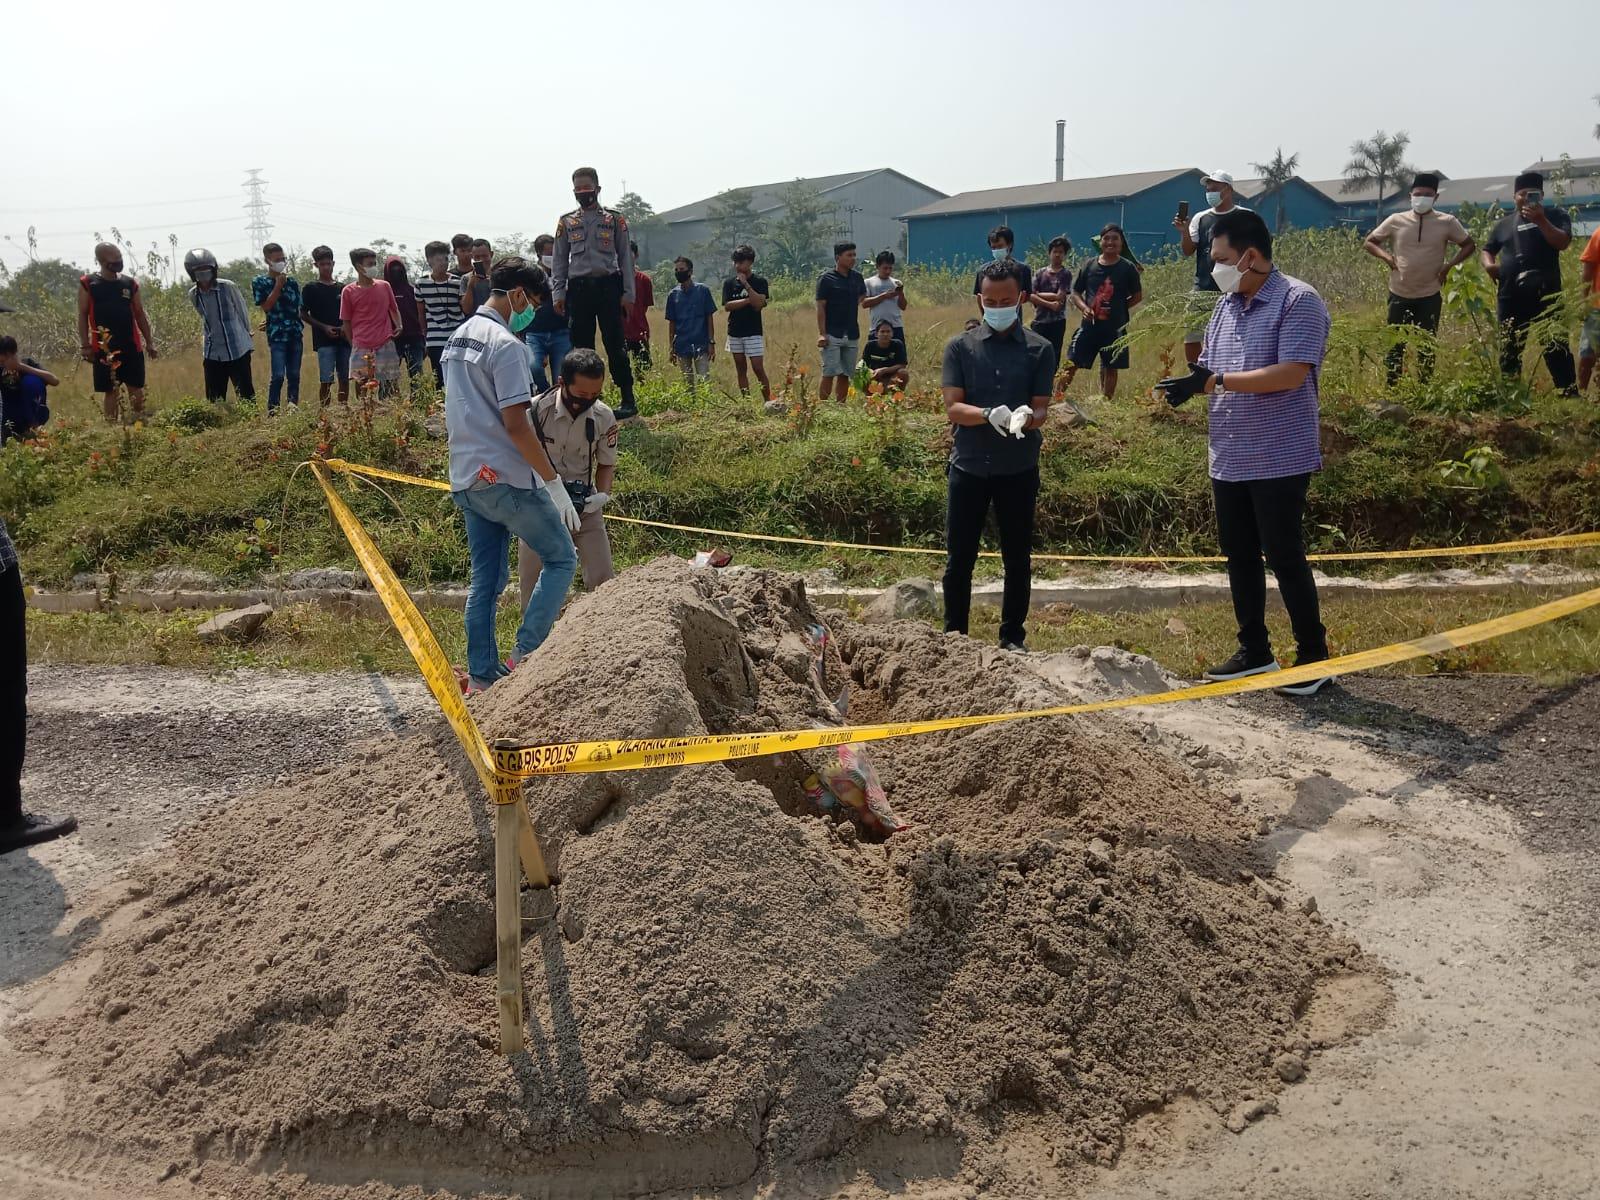 Kuli Bangunan di Cikande, Temukan Mayat Seorang Perempuan Dalam Tumpukan Pasir